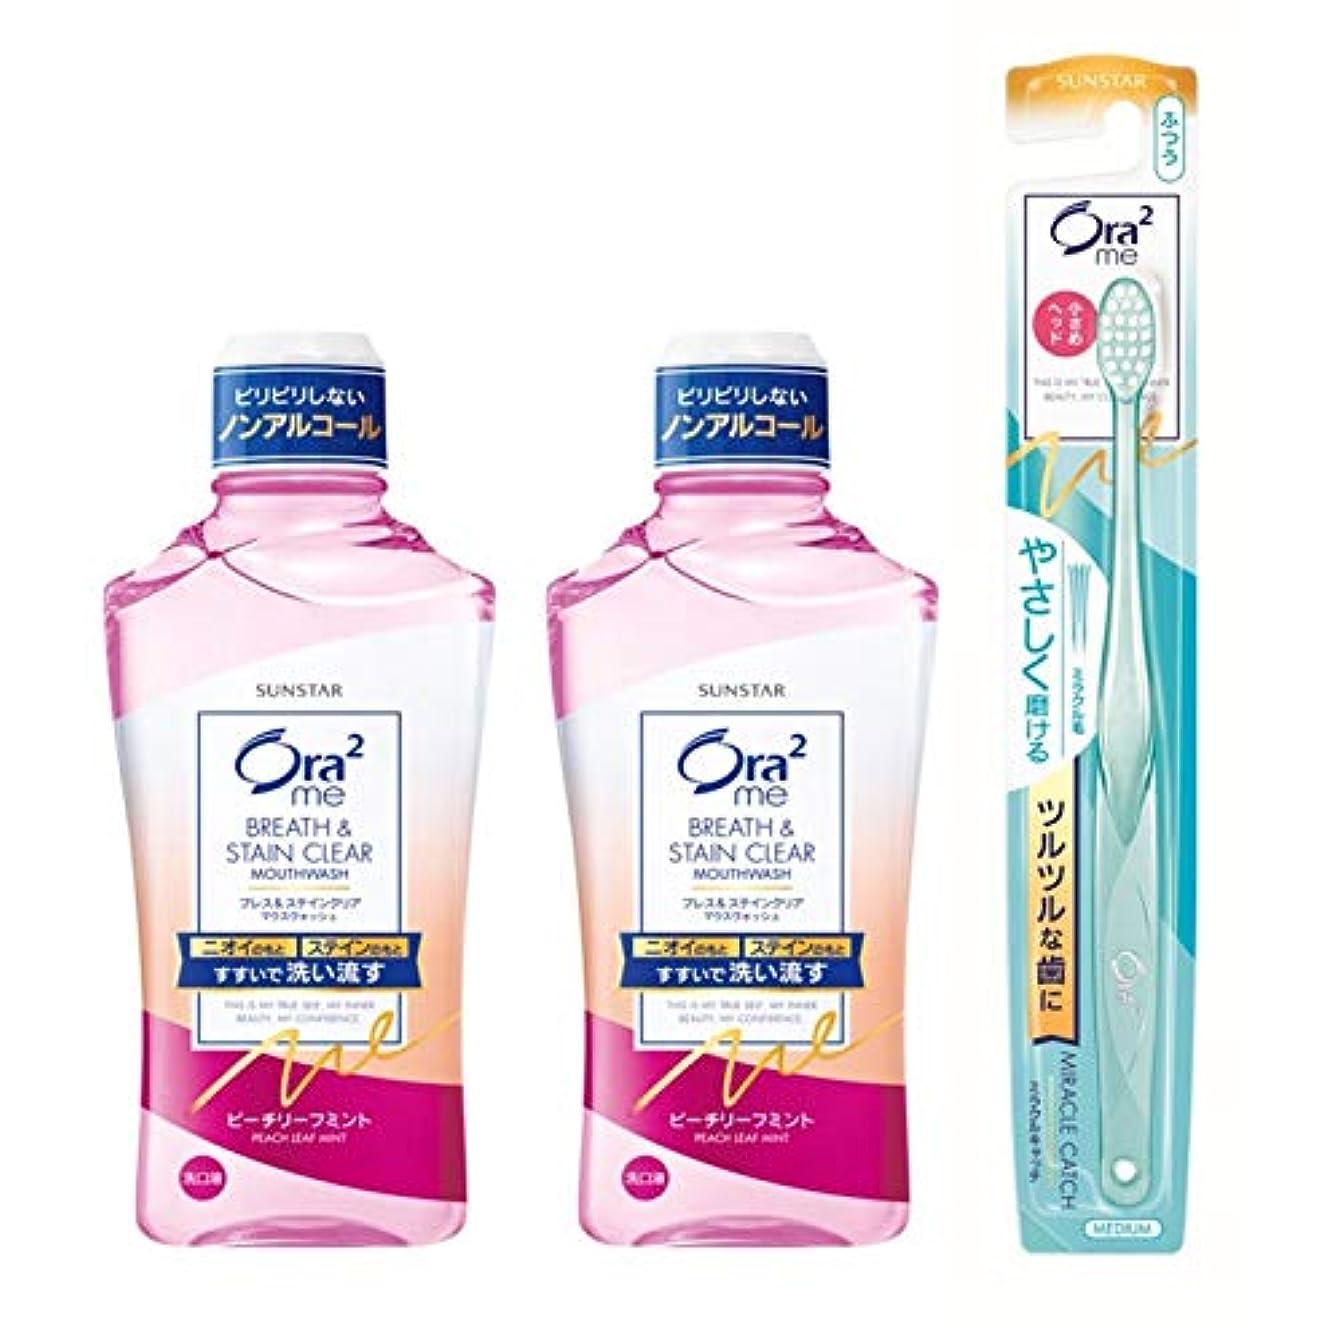 酸素ホスト探検Ora2(オーラツー) ミーマウスウォッシュ ステインクリア 洗口液[ピーチリーフミント]×2個+ハブラシ付き